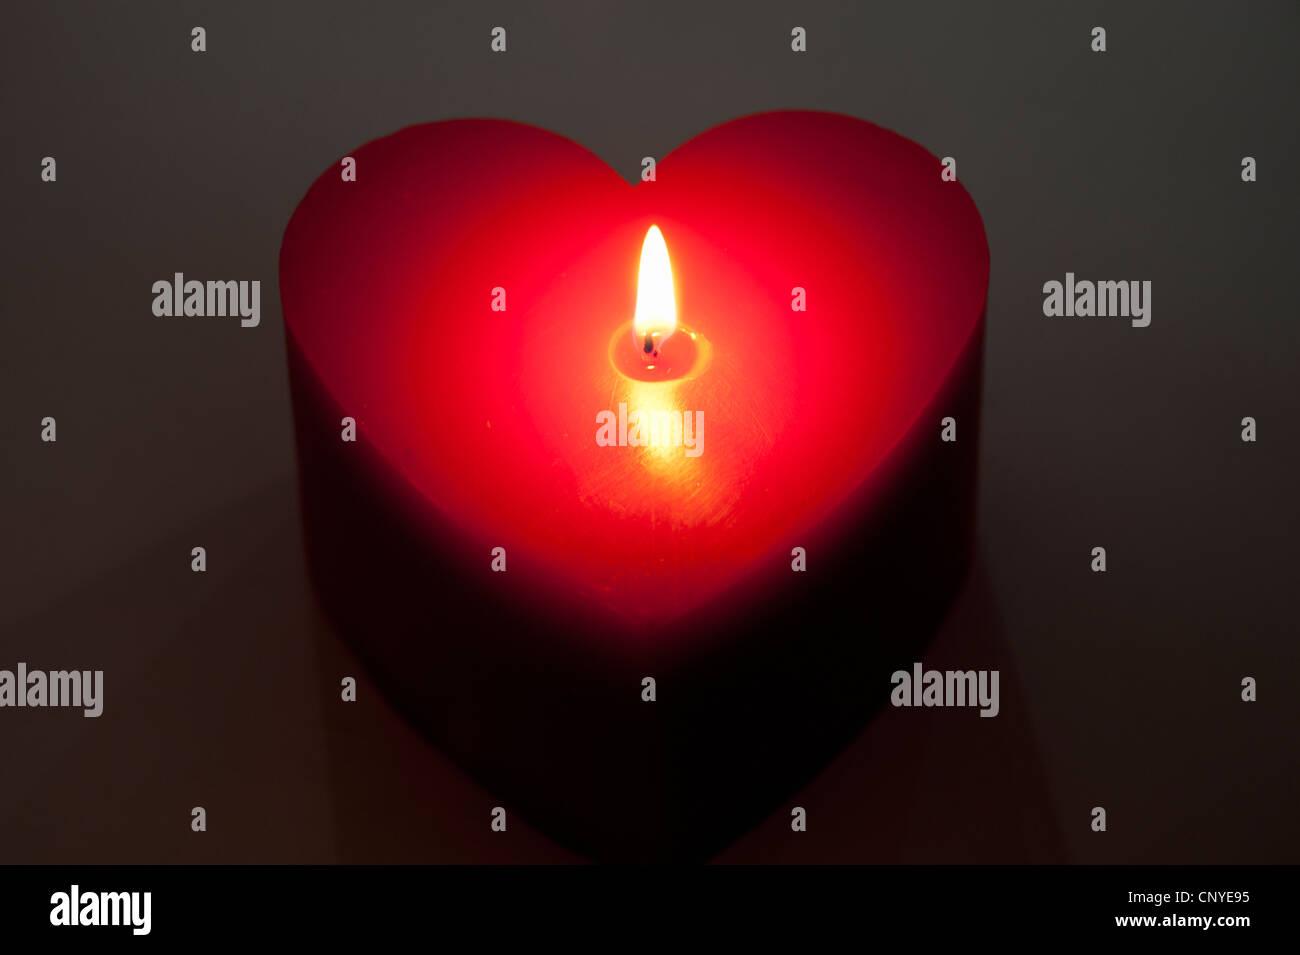 Un rosso a forma di cuore, candela accesa Immagini Stock